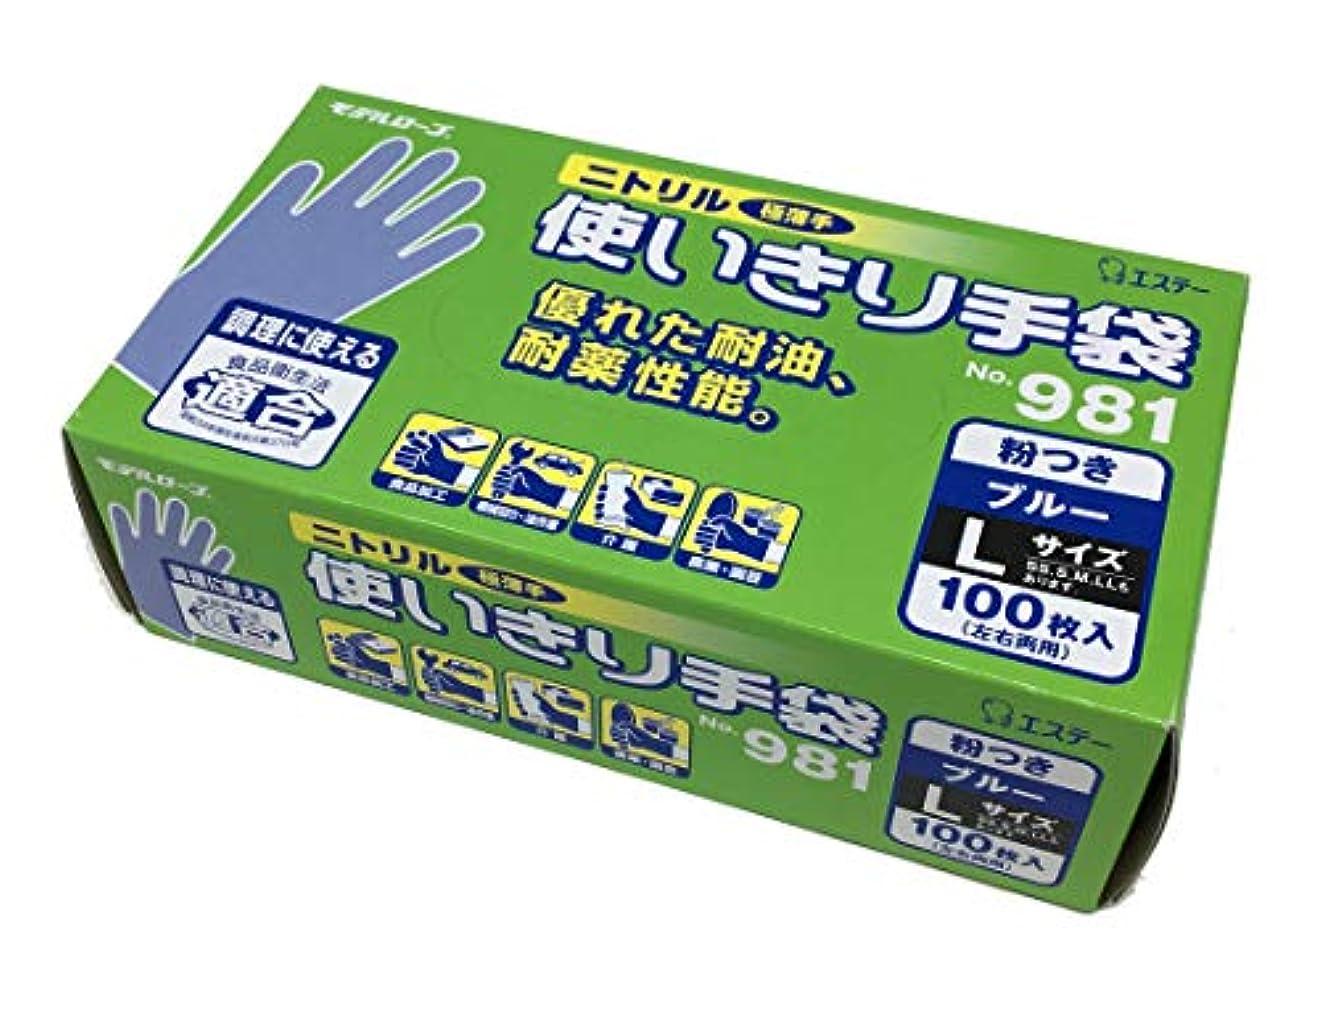 運河出力羊エステー 二トリル手袋 粉付(100枚入)L ブルー No.981